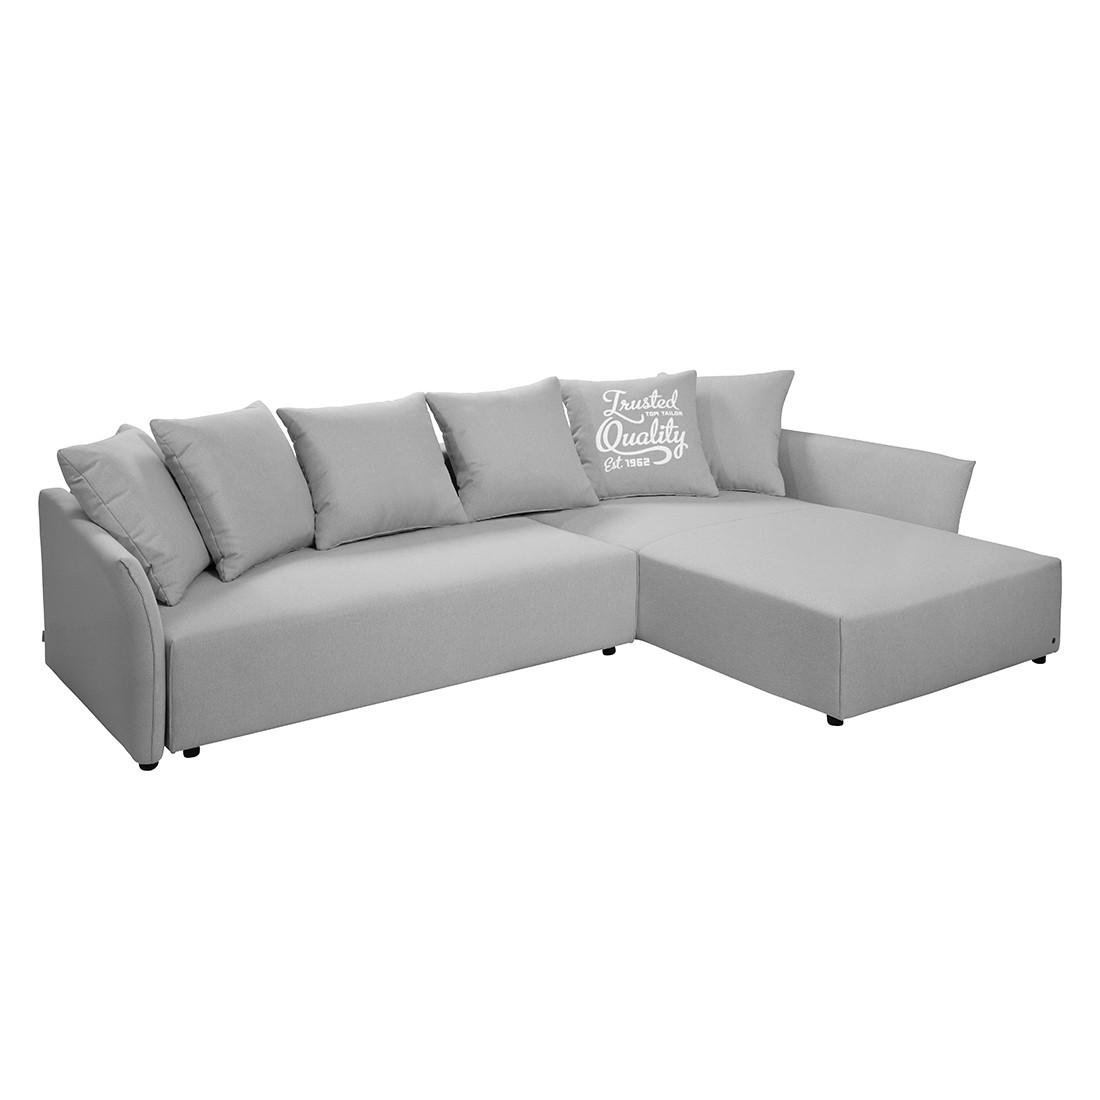 schlaf ecksofa tom tailor preisvergleiche erfahrungsberichte und kauf bei nextag. Black Bedroom Furniture Sets. Home Design Ideas